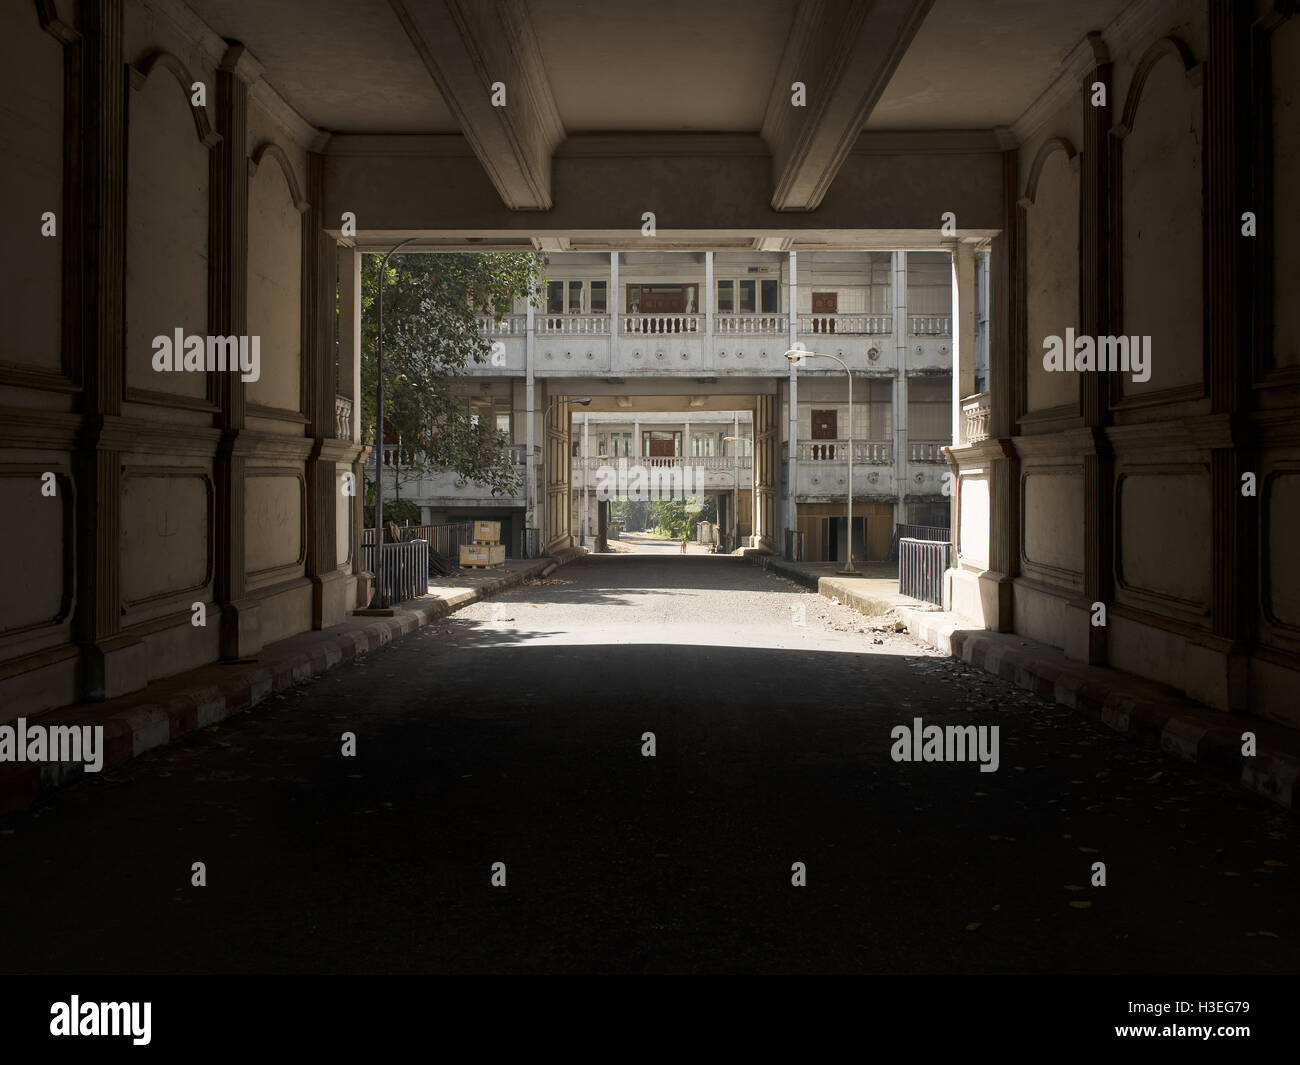 Mirando a través de un túnel de un antiguo hospital abandonado en la arquitectura colonial británica Imagen De Stock